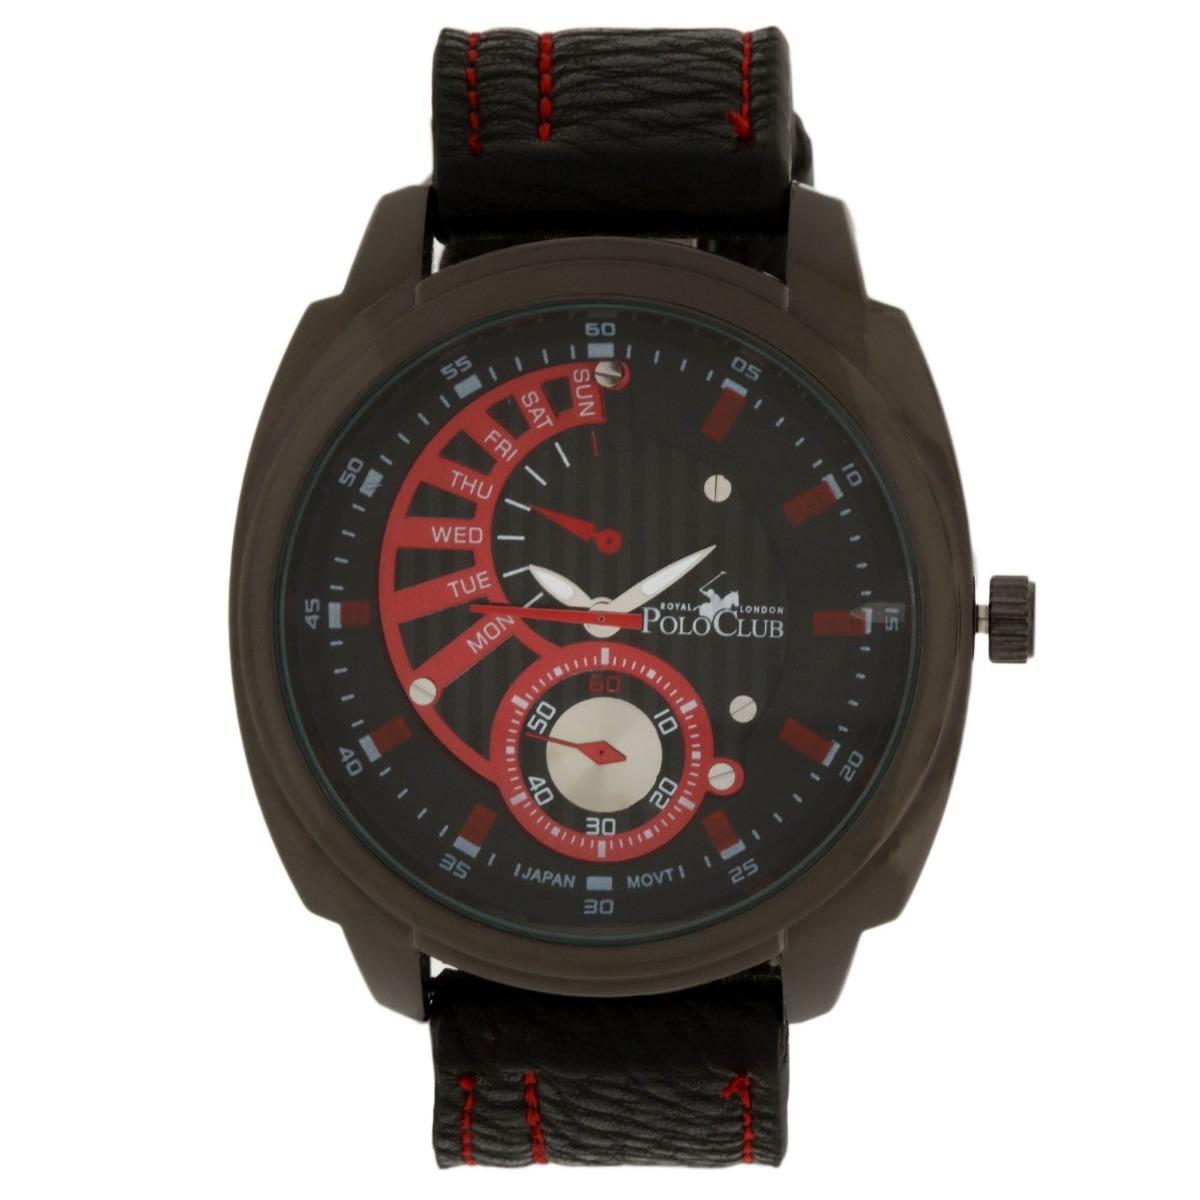 69c1d151ef80 Reloj Hombre Mano Polo Club Caballero Rlpc2831 B Negro -   449.00 en ...